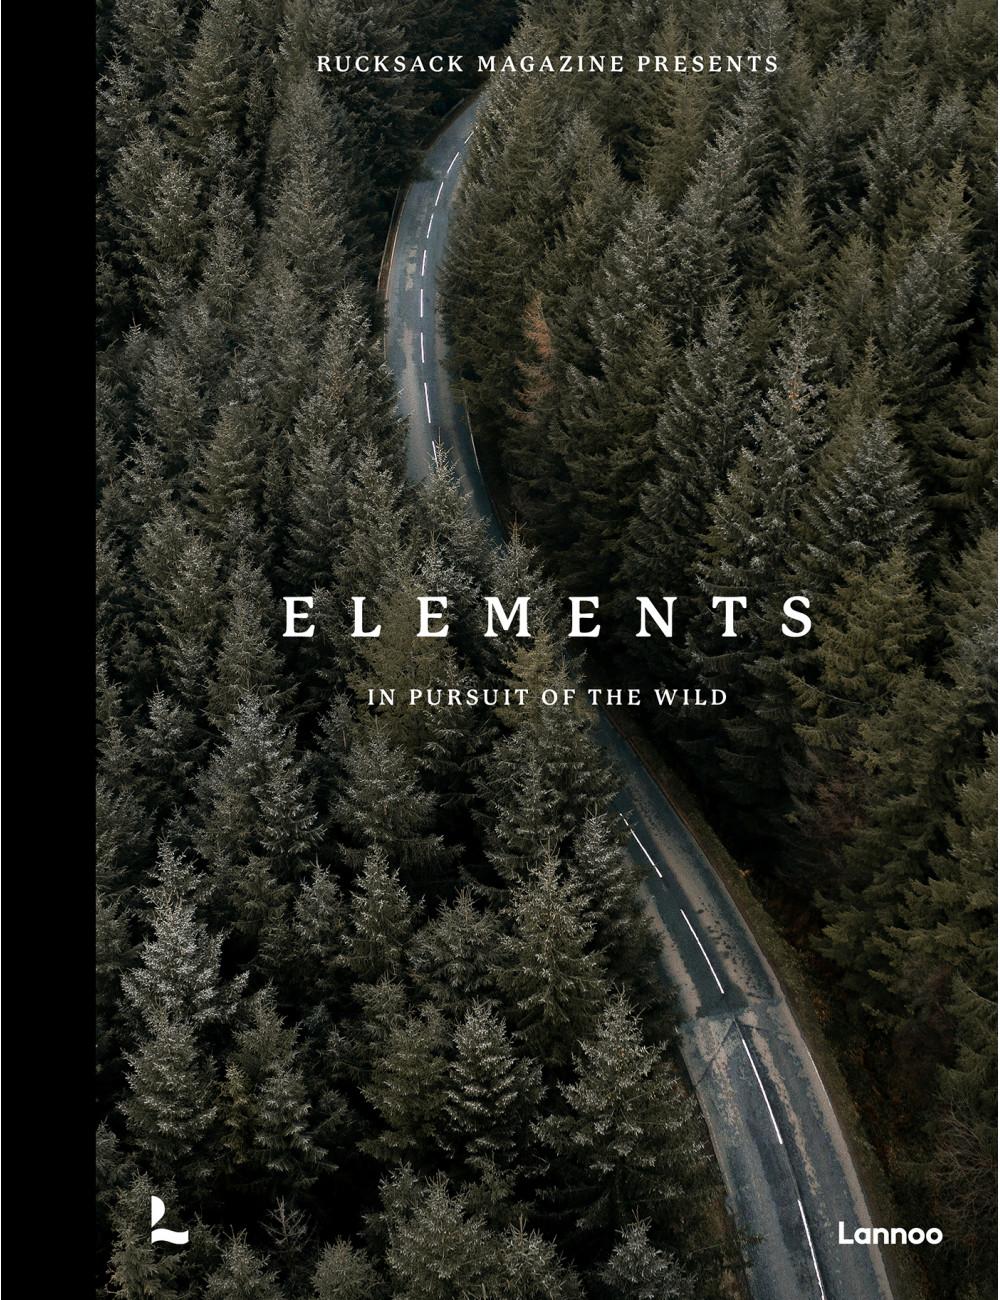 Boek Elements In Pursuit of the Wild